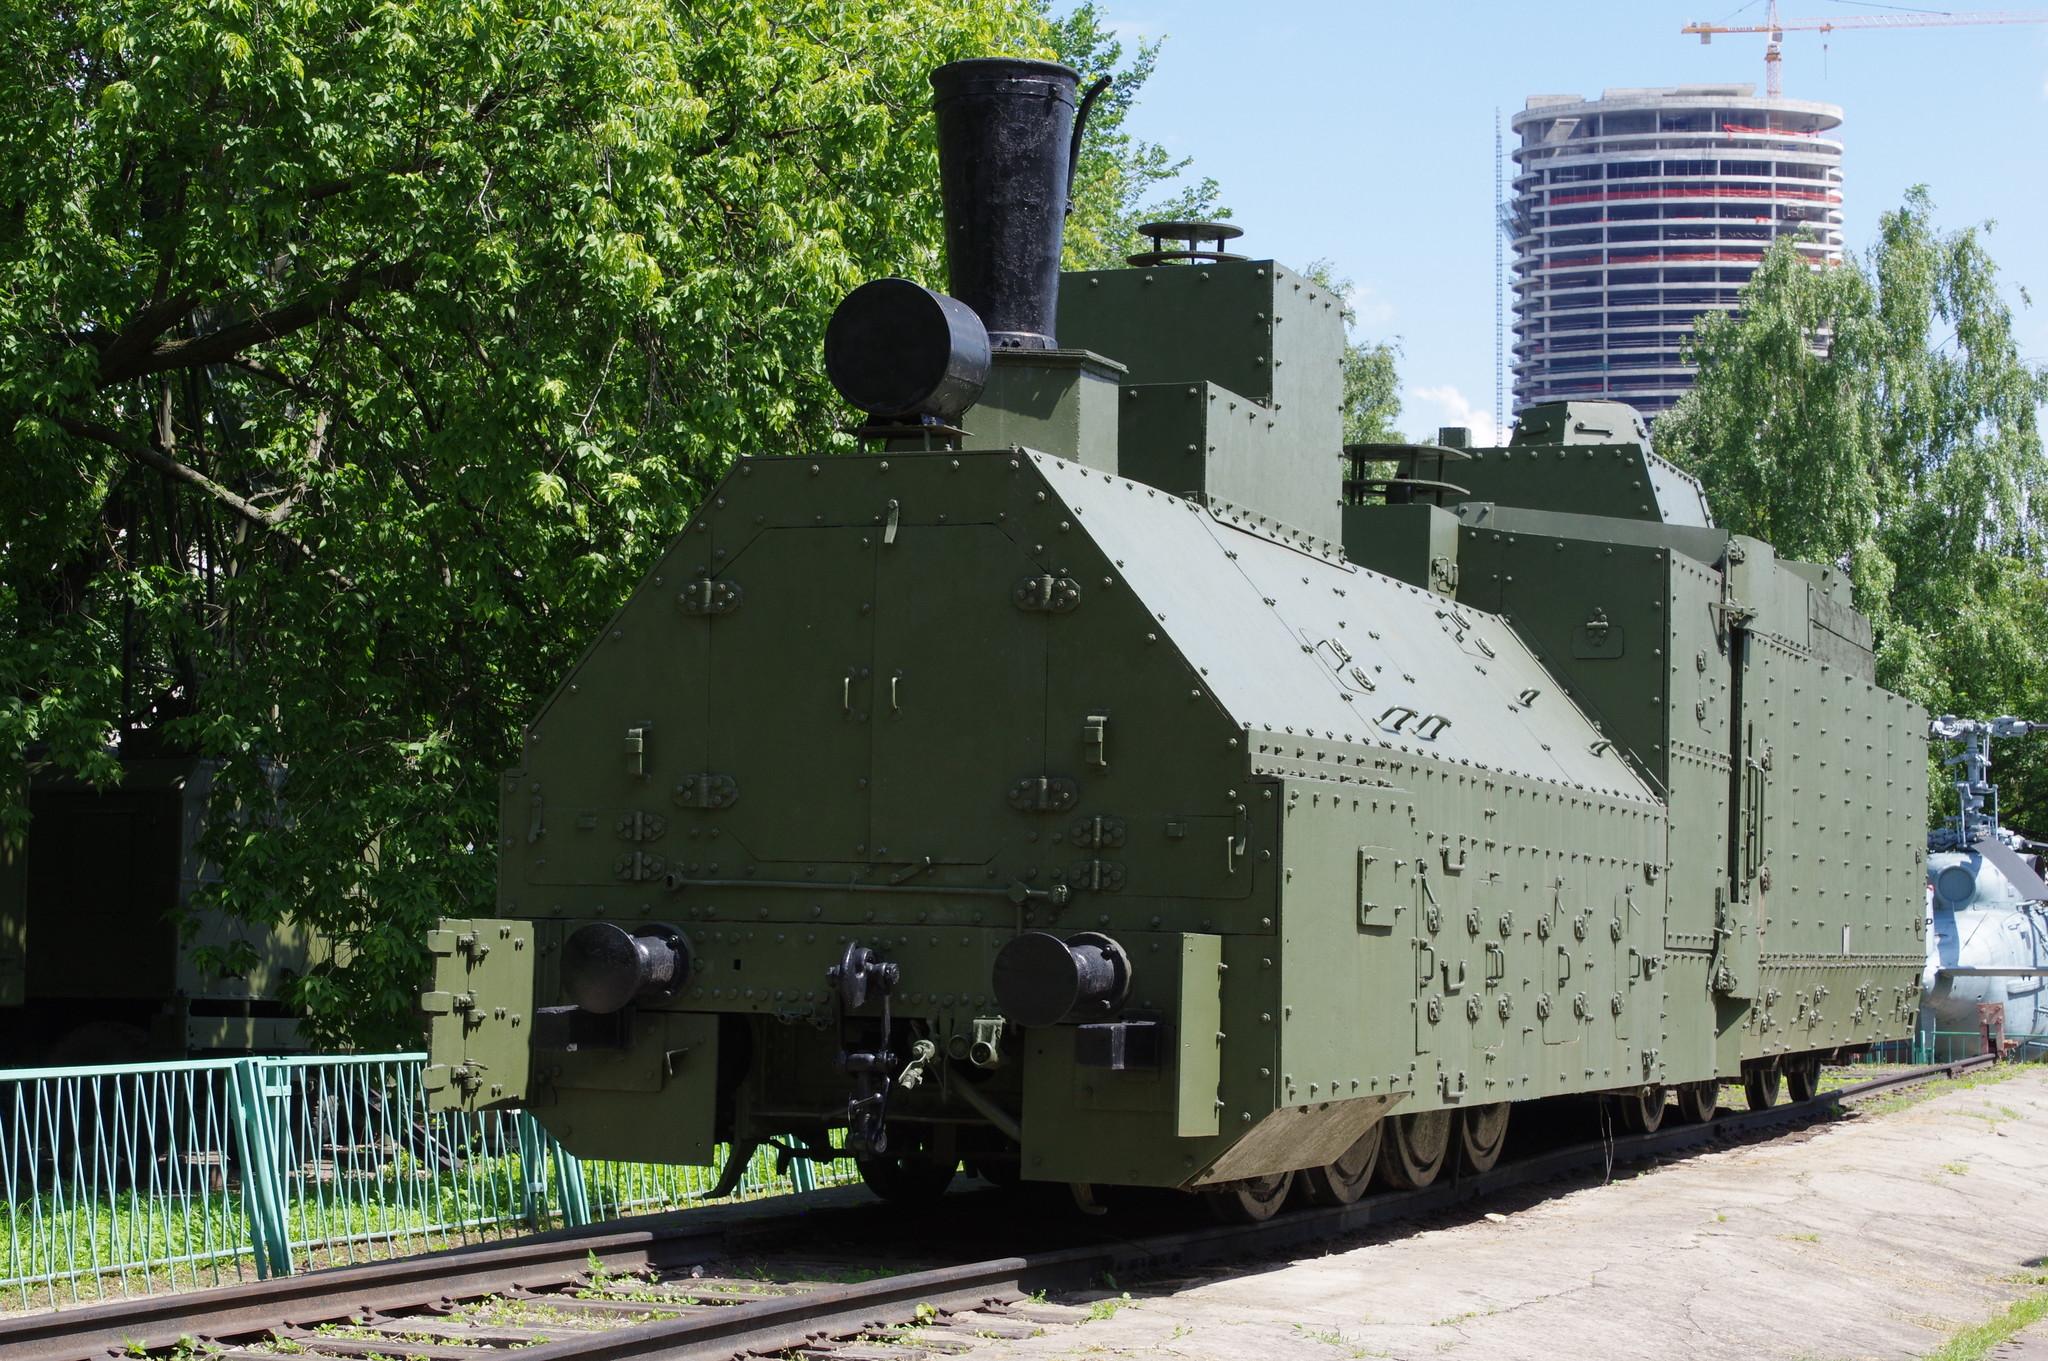 Бронепаровоз «ОВ» № 5067 бронепоезда «Красновосточник» (открытая площадка экспозиции военной техники Центрального музея Вооружённых Сил)